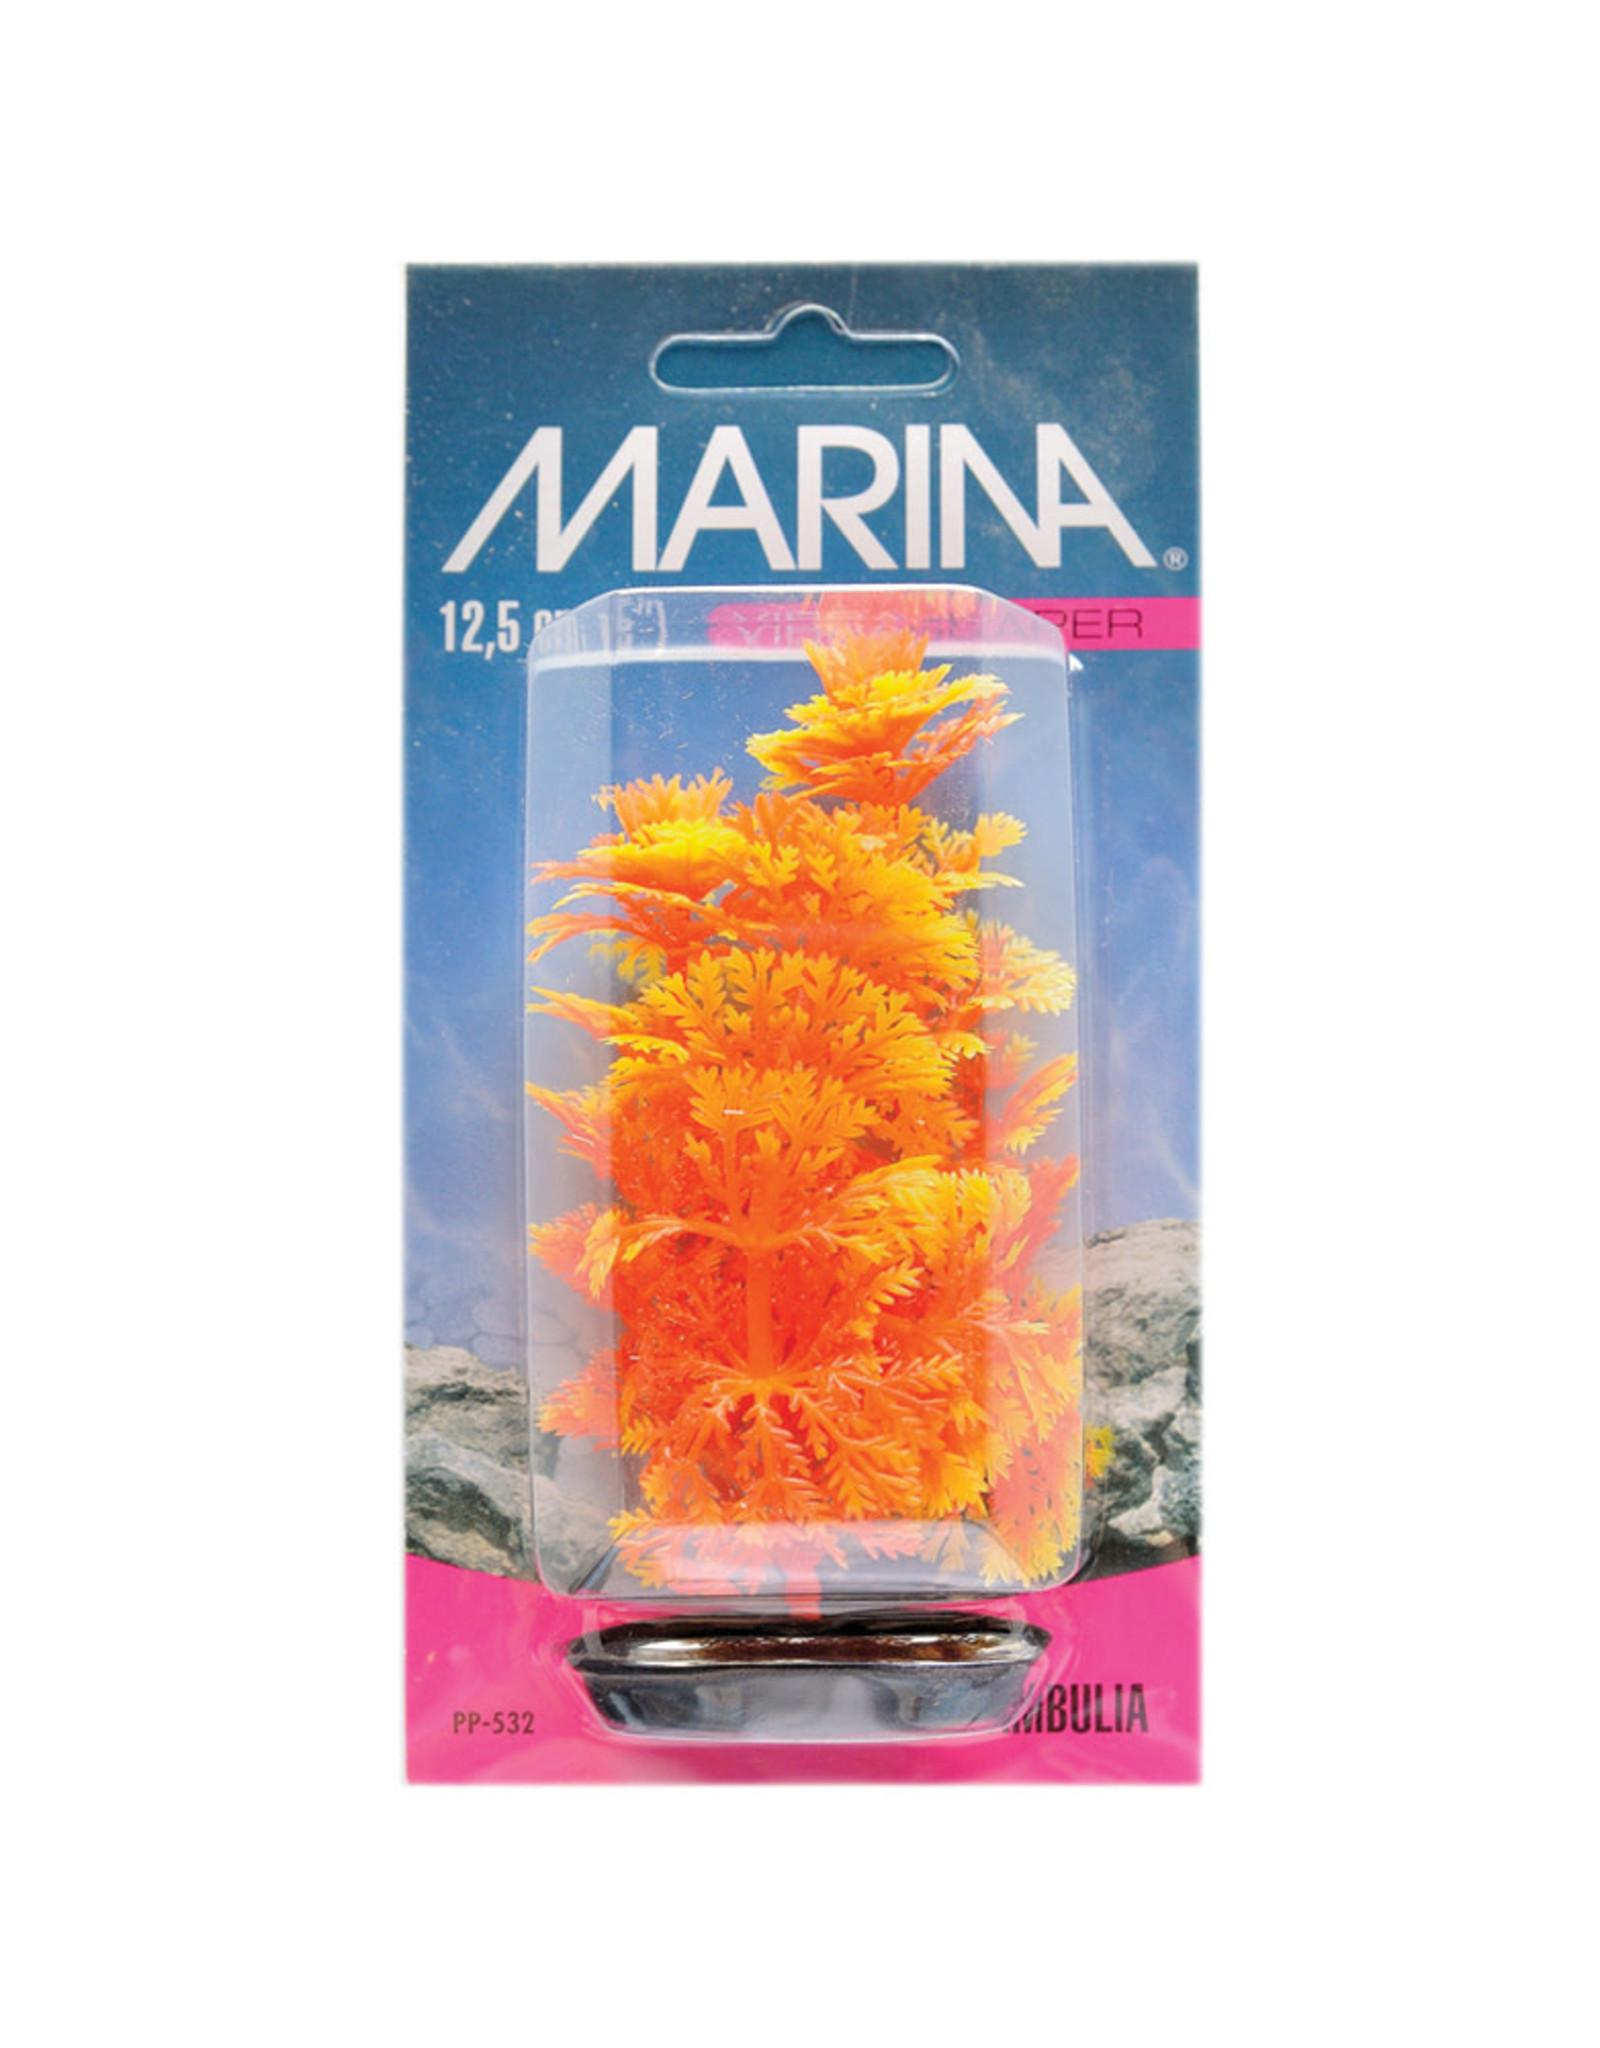 Marina Marina Vibrascaper Plastic Plant - Ambulia Orange-Yellow - 12.5 cm (5 in)